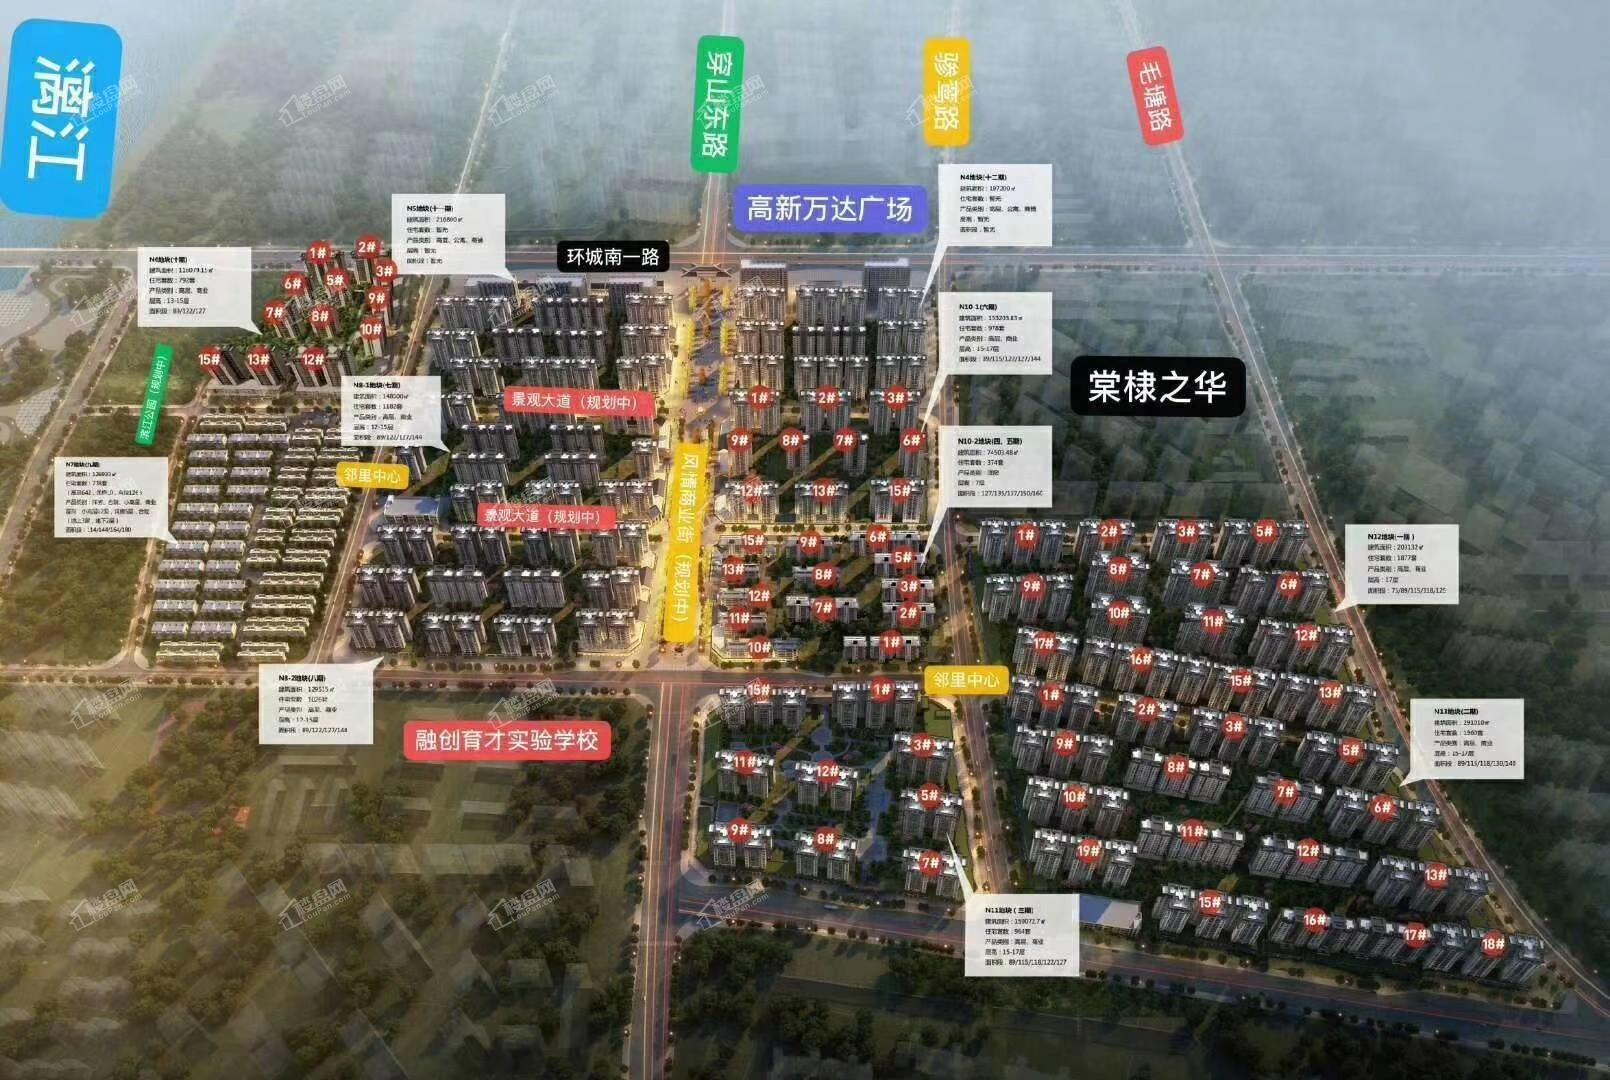 融创桂林旅游度假区位置图